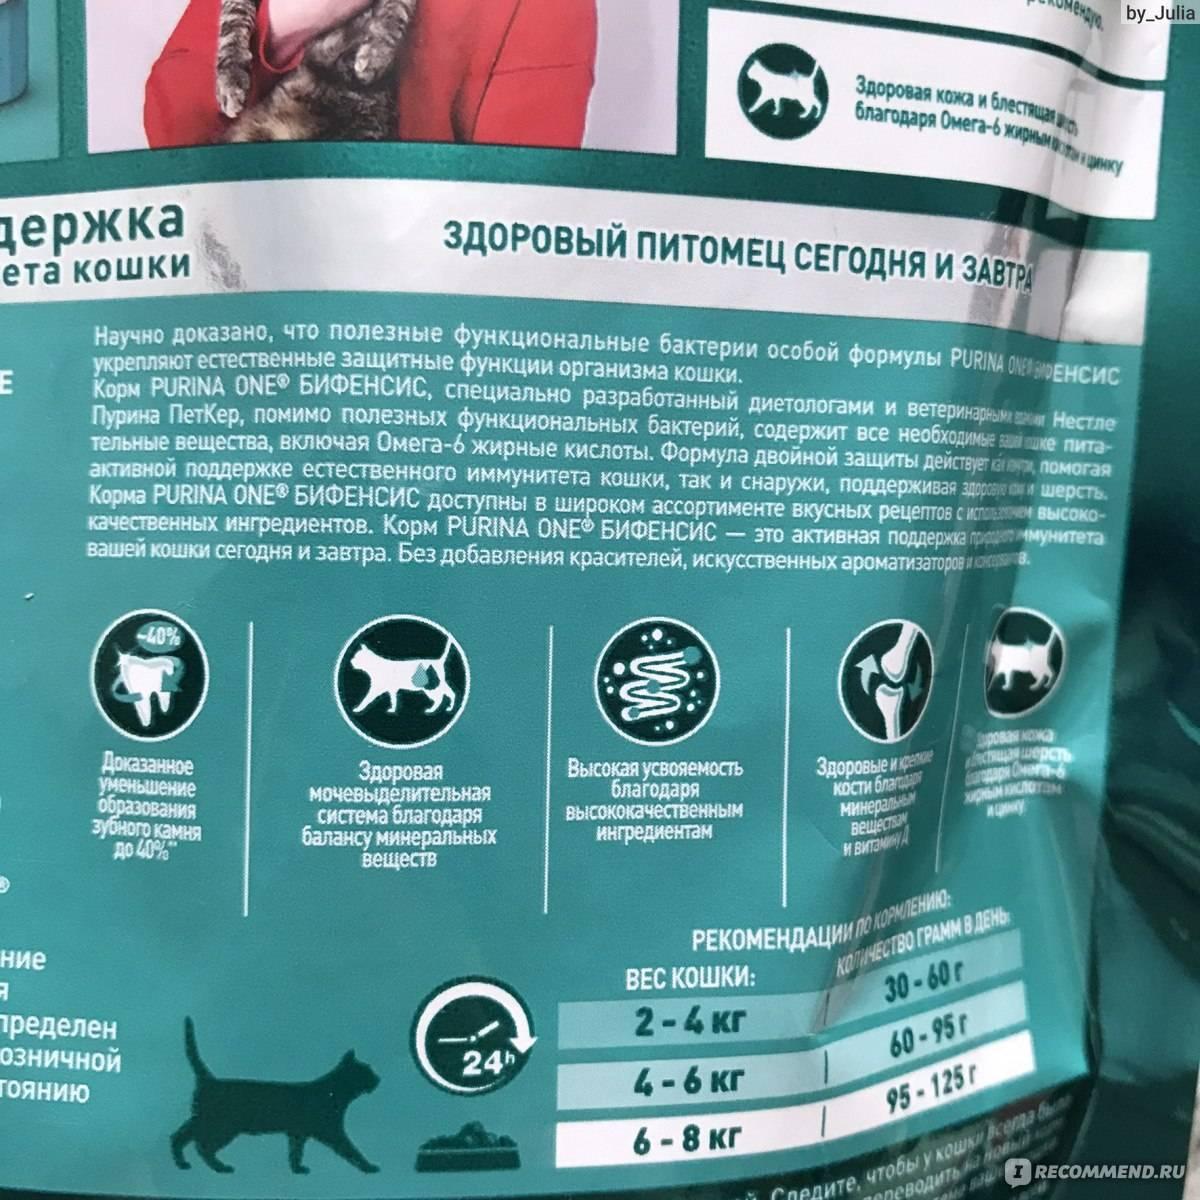 Корм для кошек purina one («пурина ван»): отзывы ветеринаров и владельцев животных о нем, его плюсы и минусы, отличия от «перфект фита»